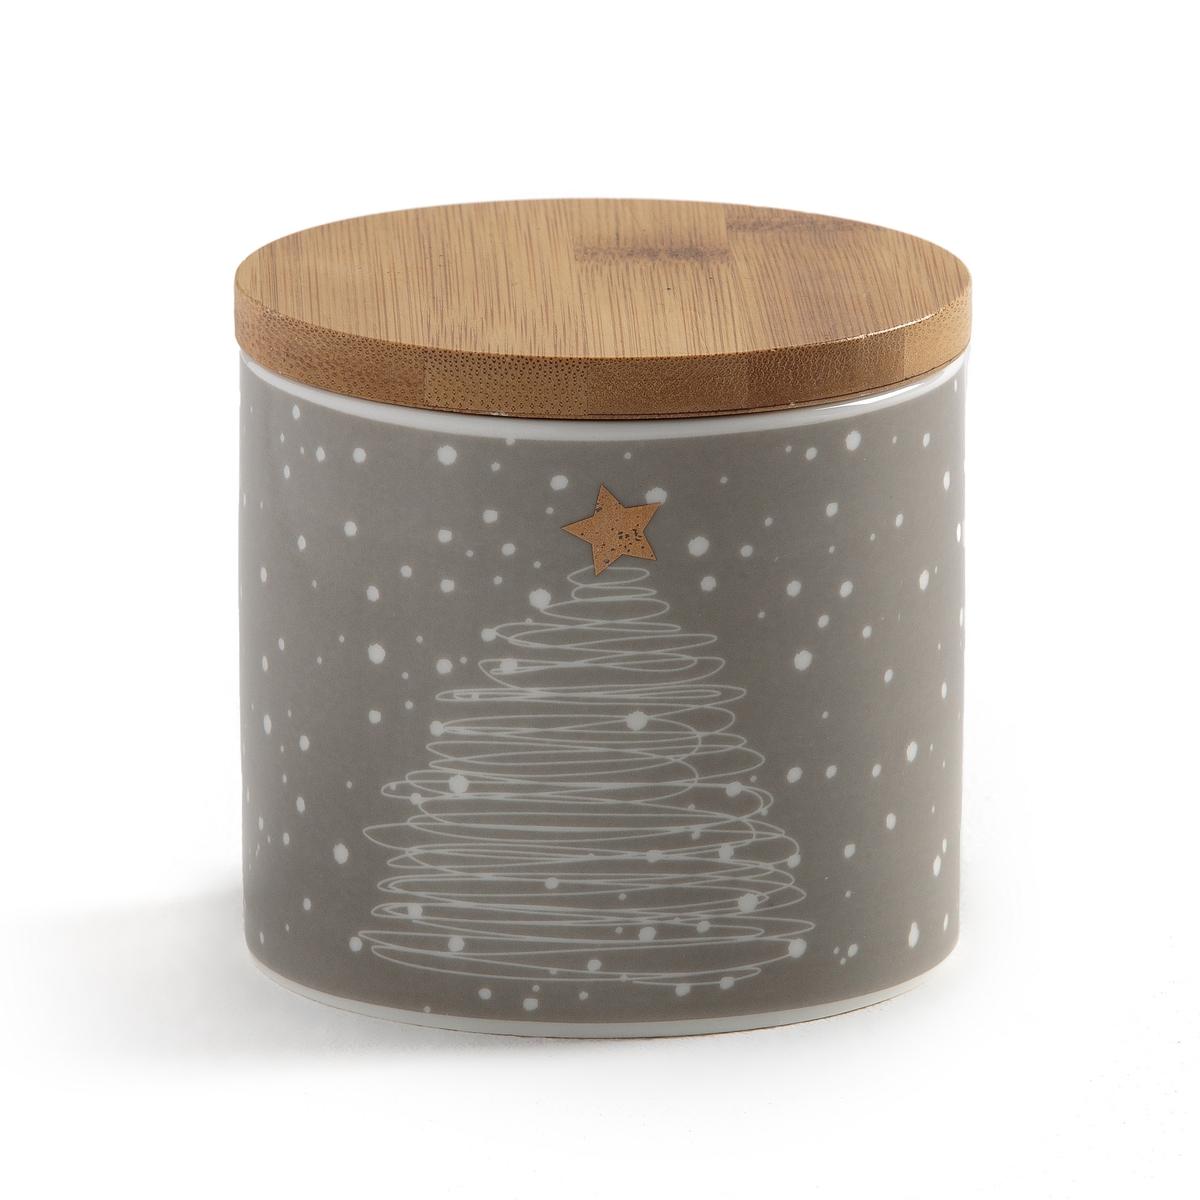 Коробка для хранения с новогодним рисунком STRADO от La Redoute